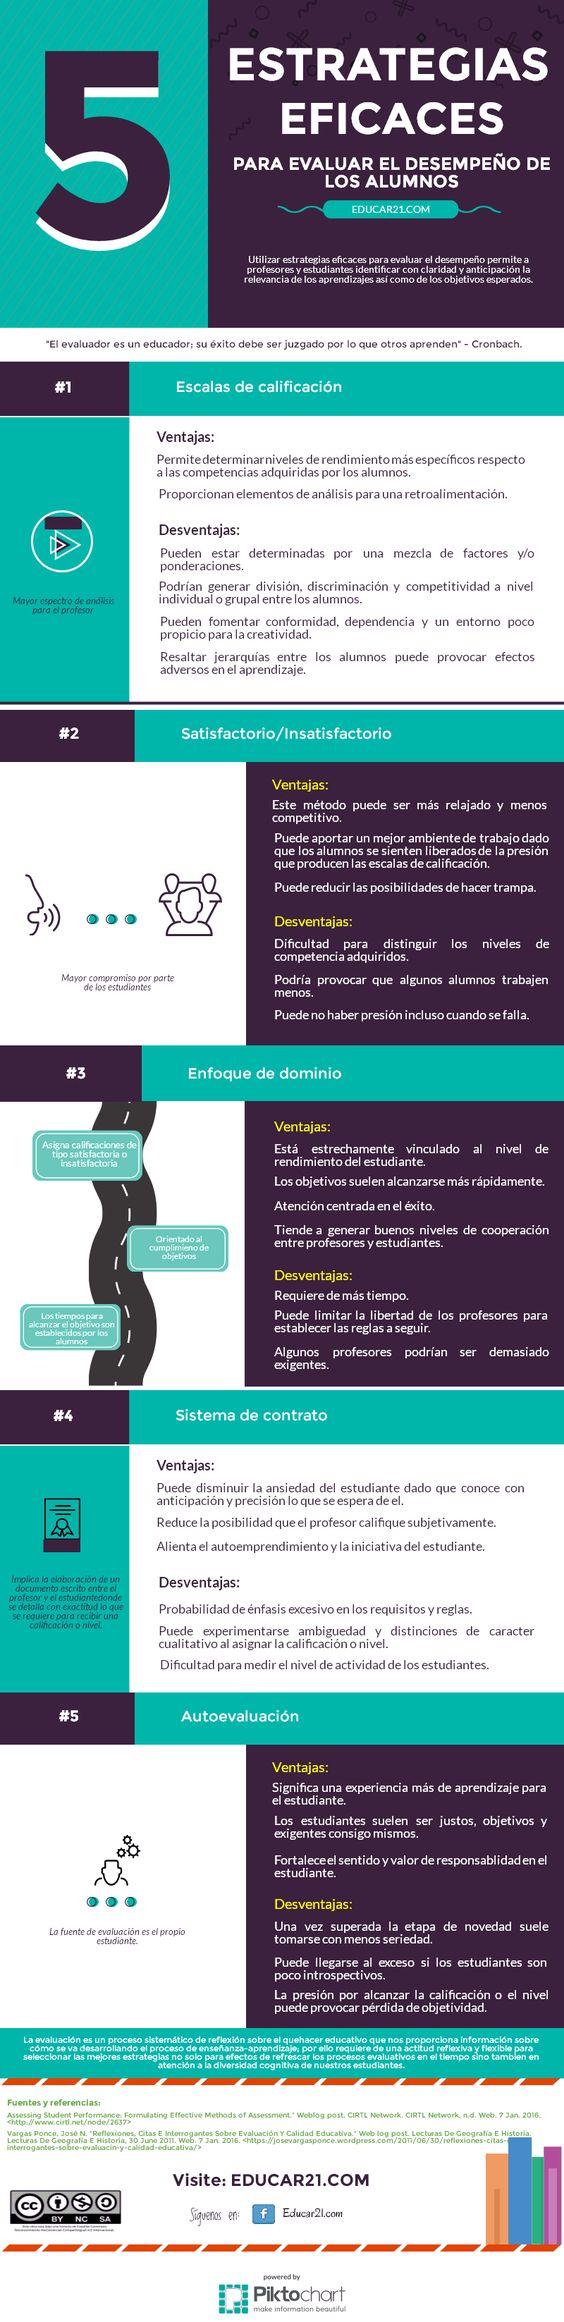 5 Métodos Eficaces para Evaluar Aprendizajes | #Infografía #Educación